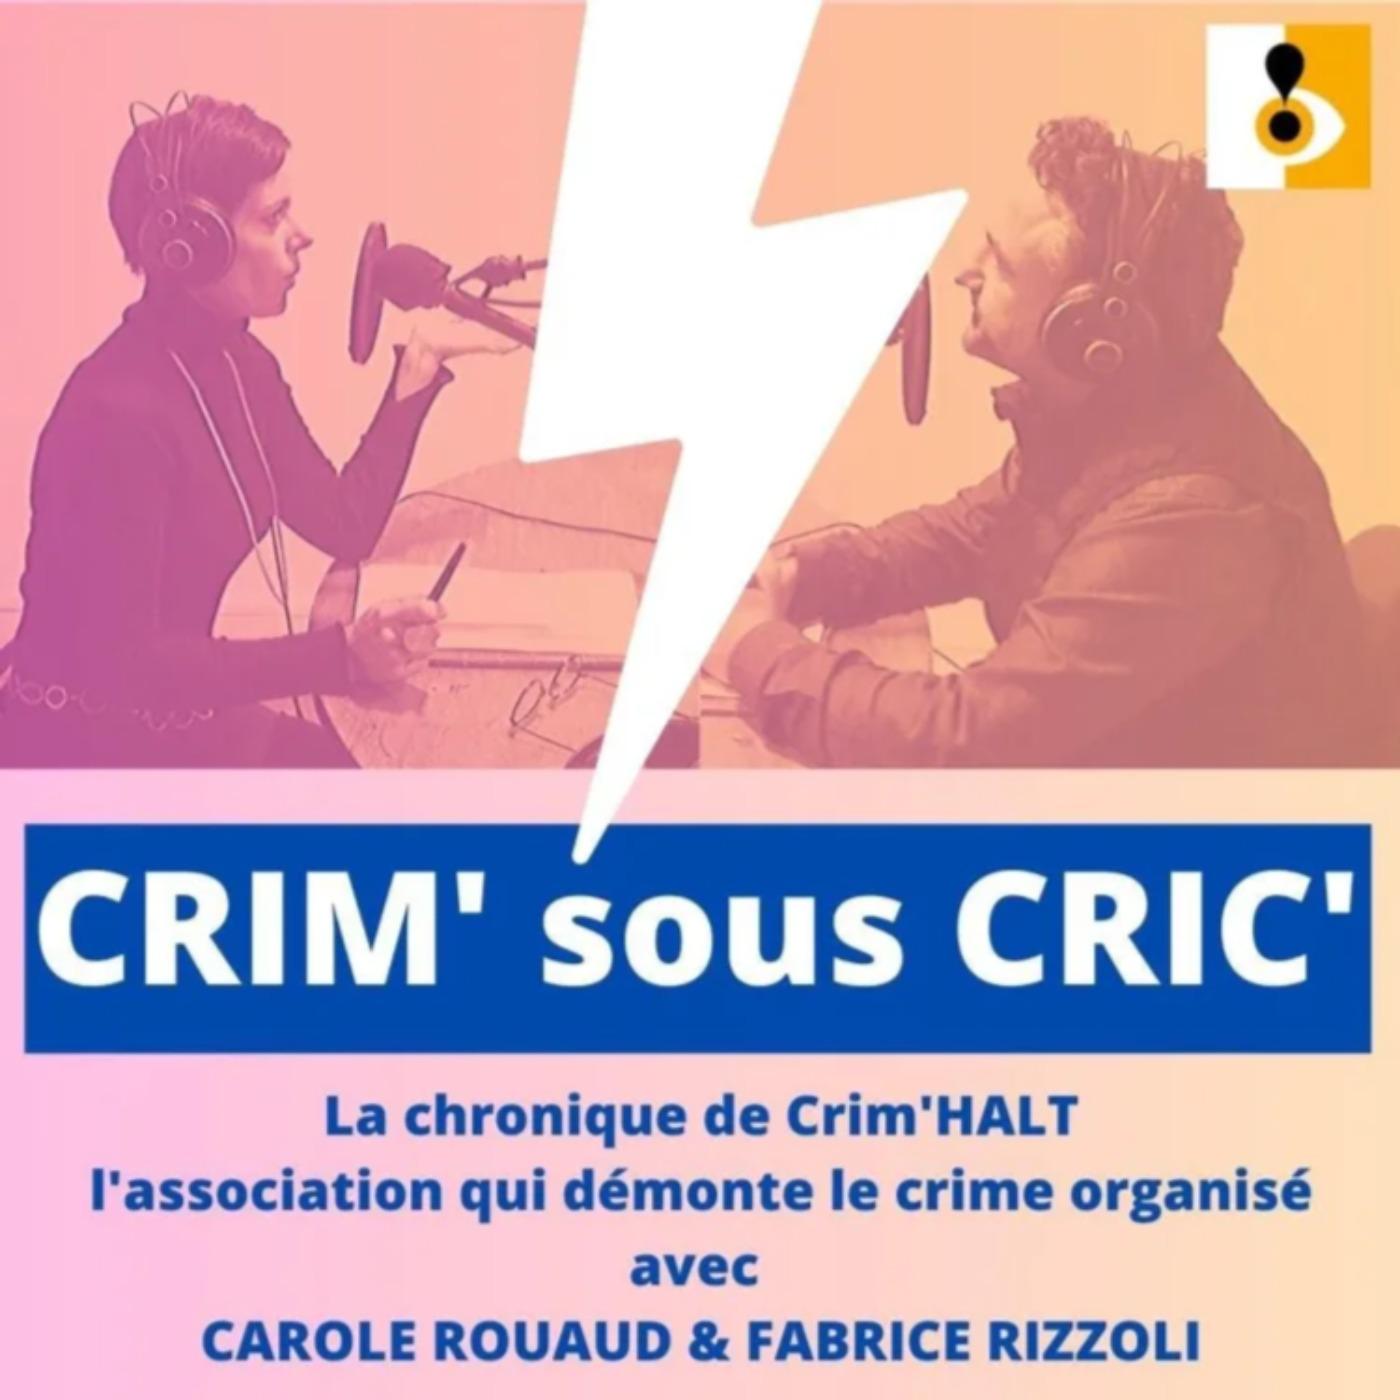 CRIM sous CRIC - 9 décembre journée mondiale contre la Corruption. Et si Claude Guéant rendait l'appartement ?